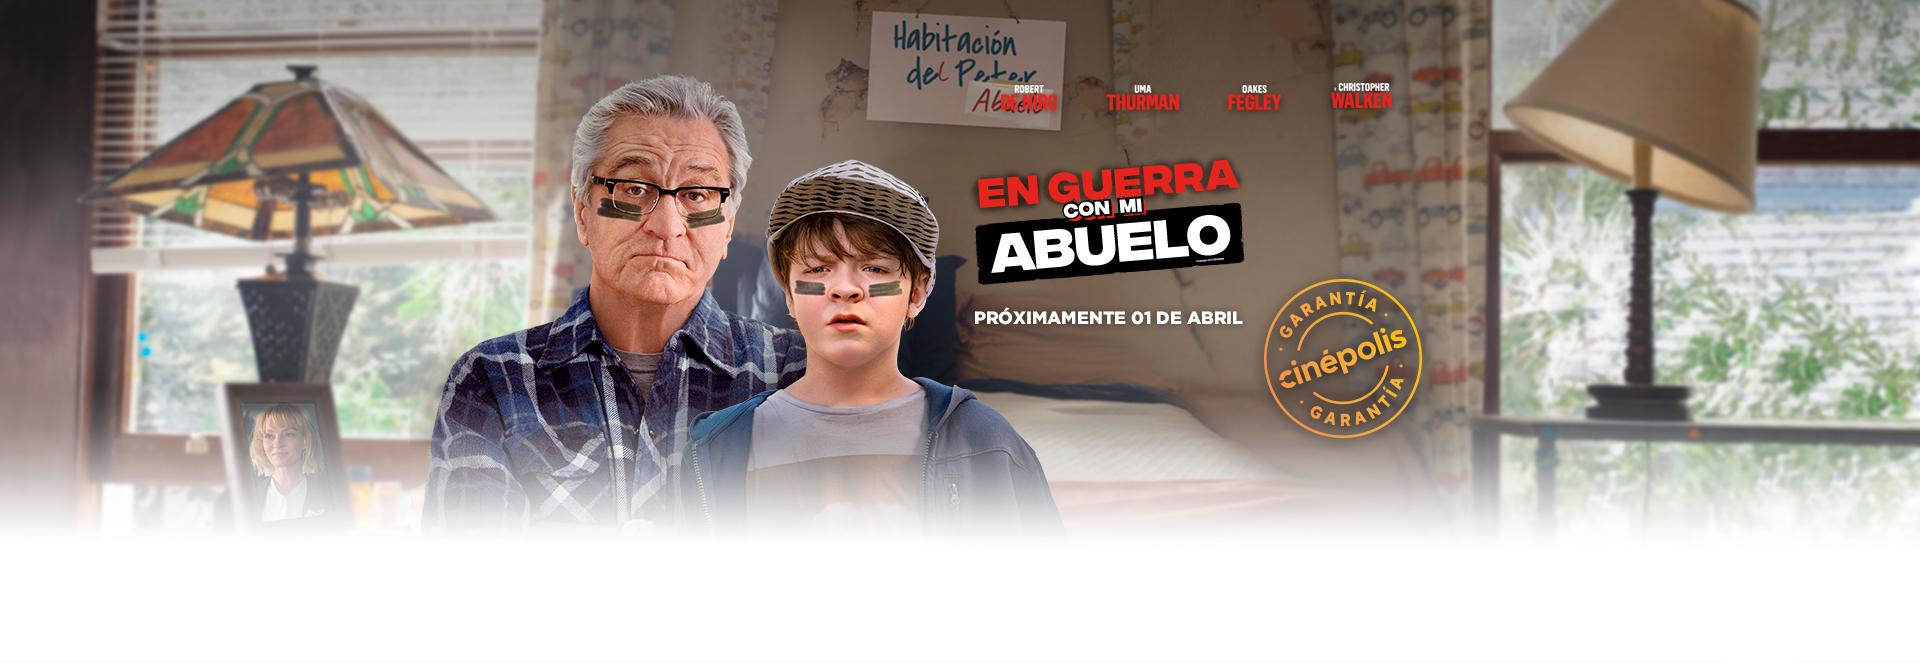 Banner En Guerra Con Mi Abuelo | Garantía Cinépolis